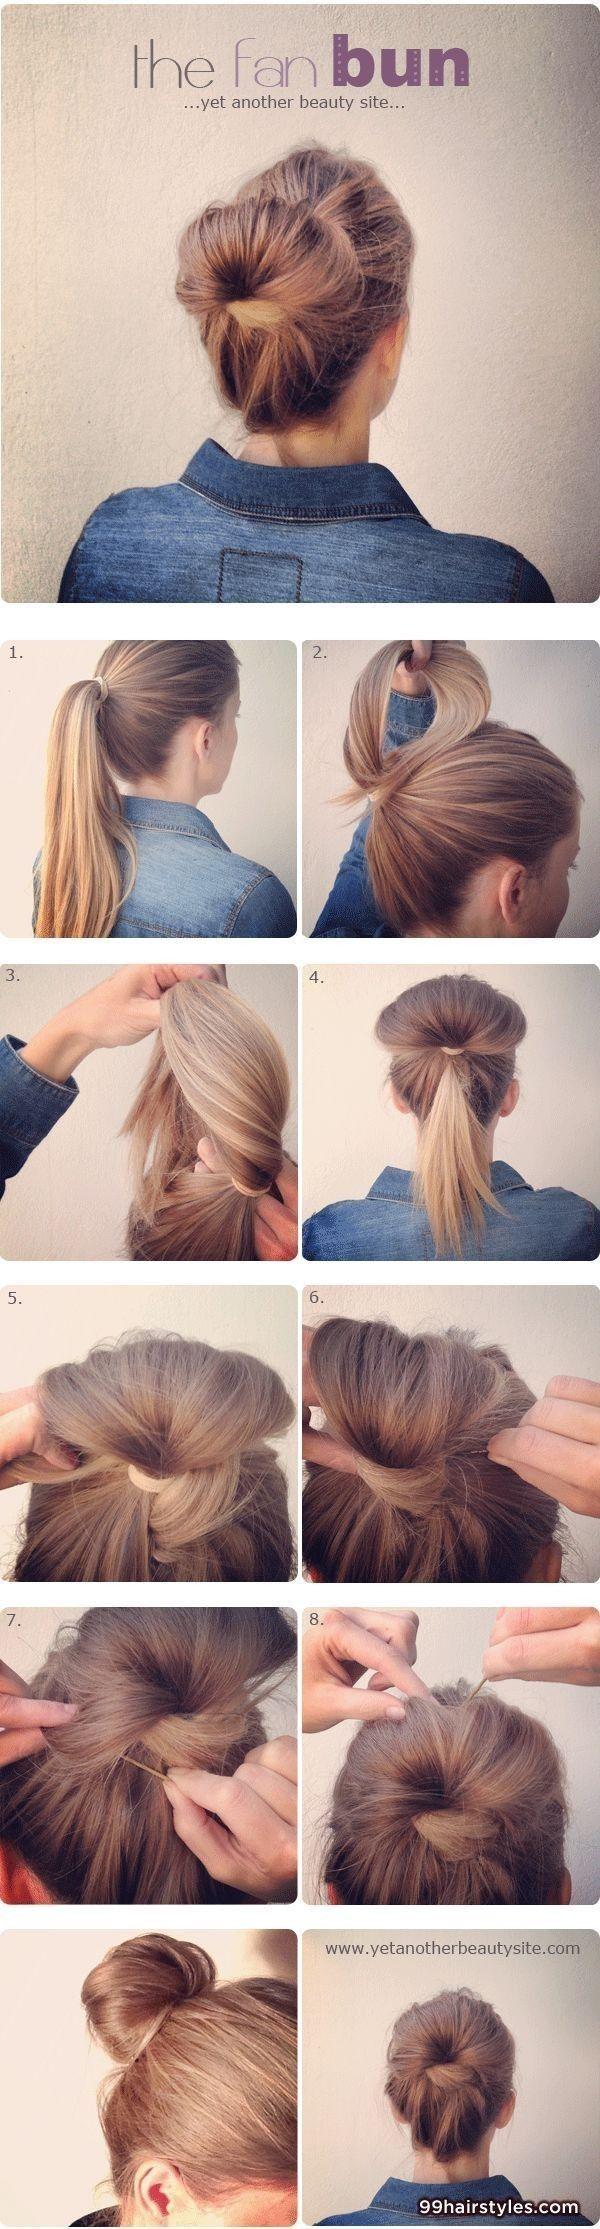 modèle-de-coiffure-pour-aller-au-travail-6